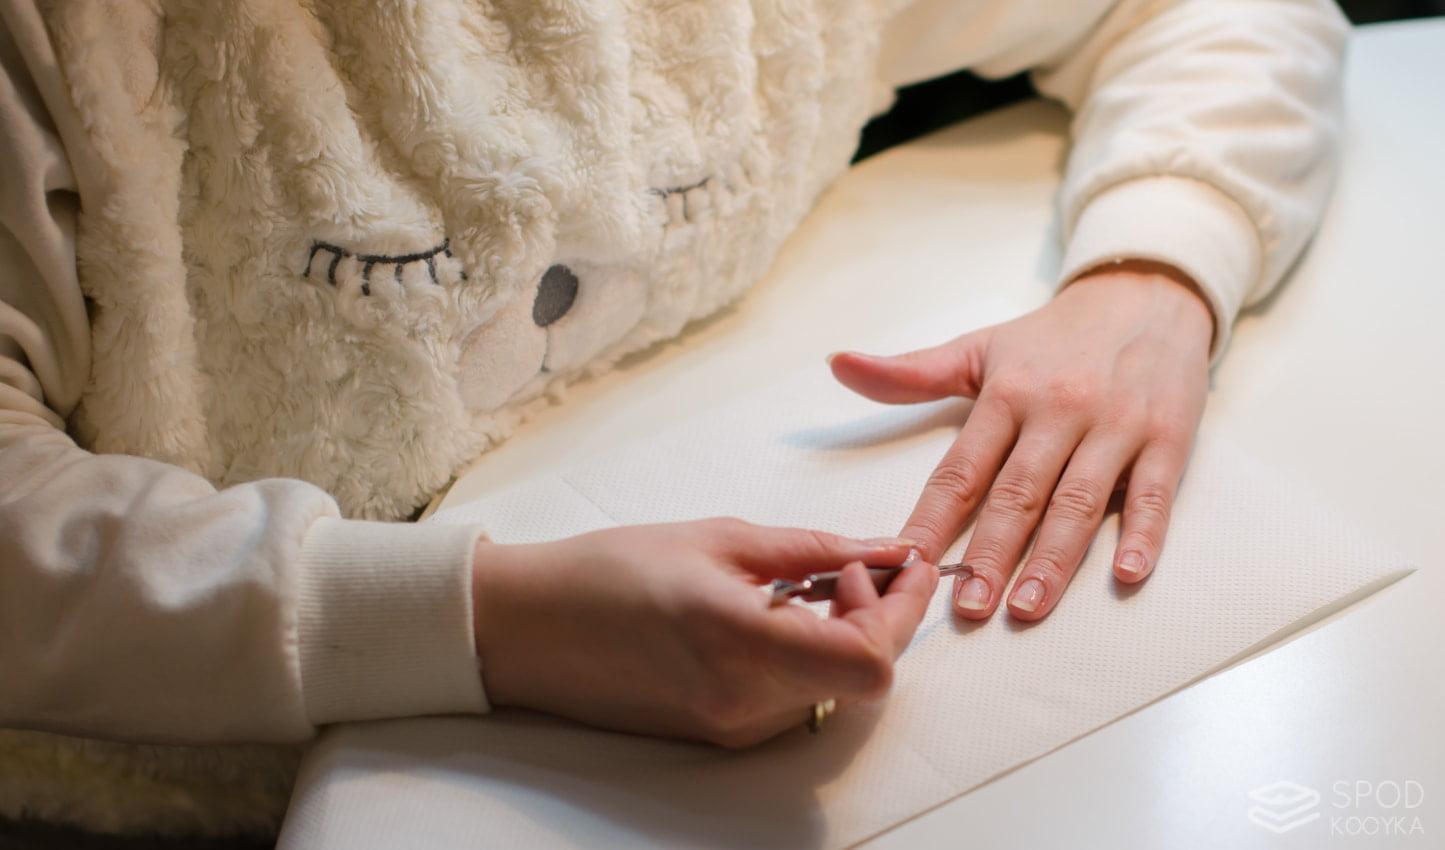 jak wykonać manicure hybrydowy krok po kroku